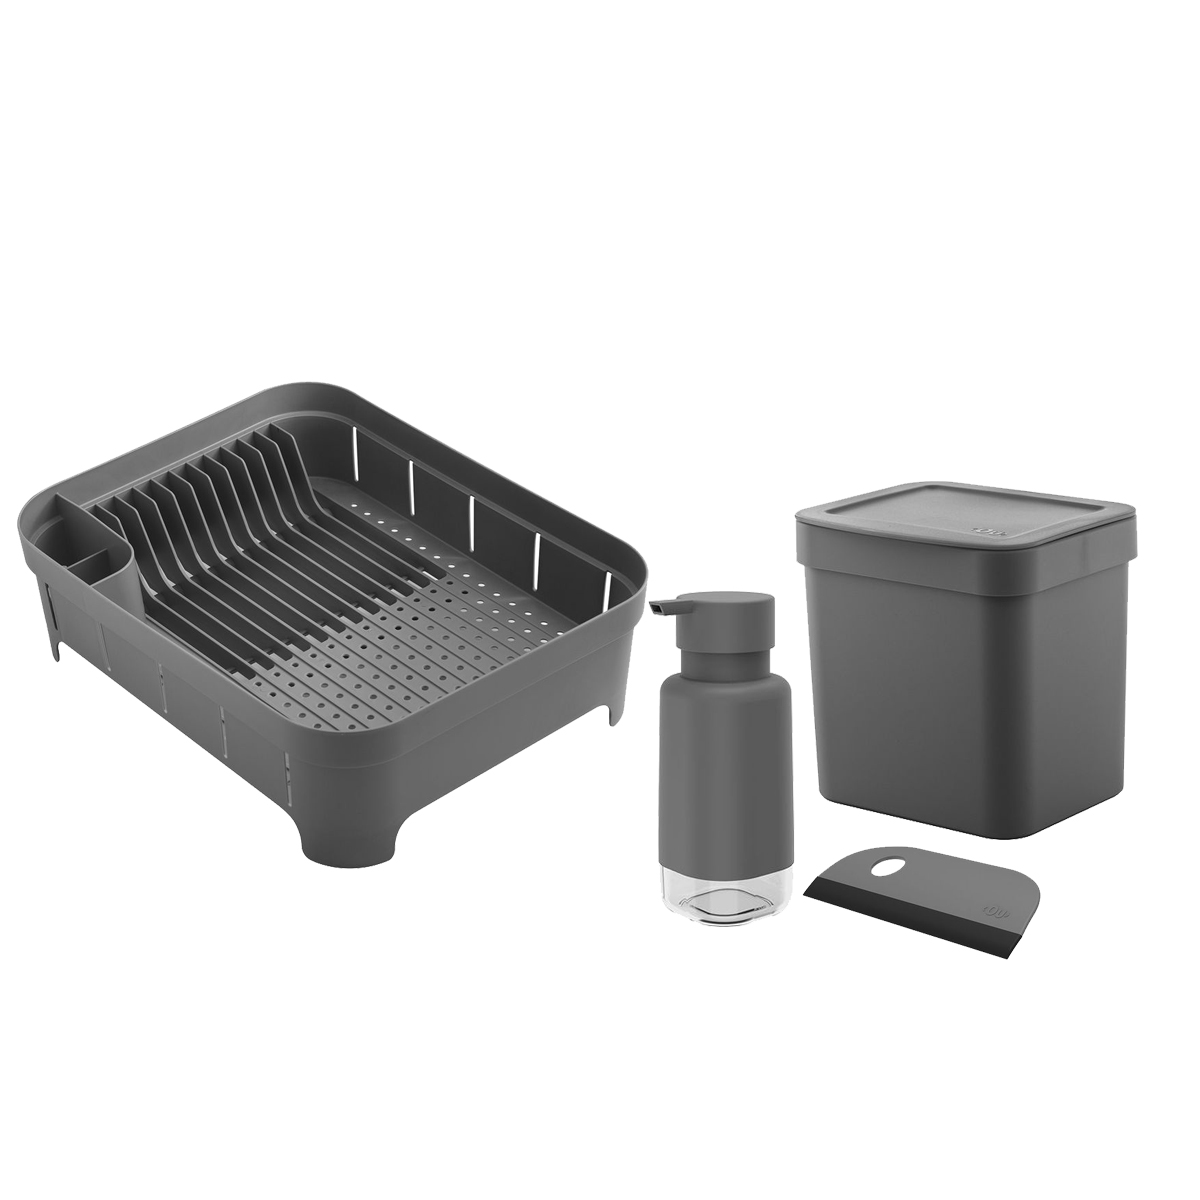 Kit para Pia 4pc Cinza OU Lixeira/Escorredor/Dispenser/Rodo